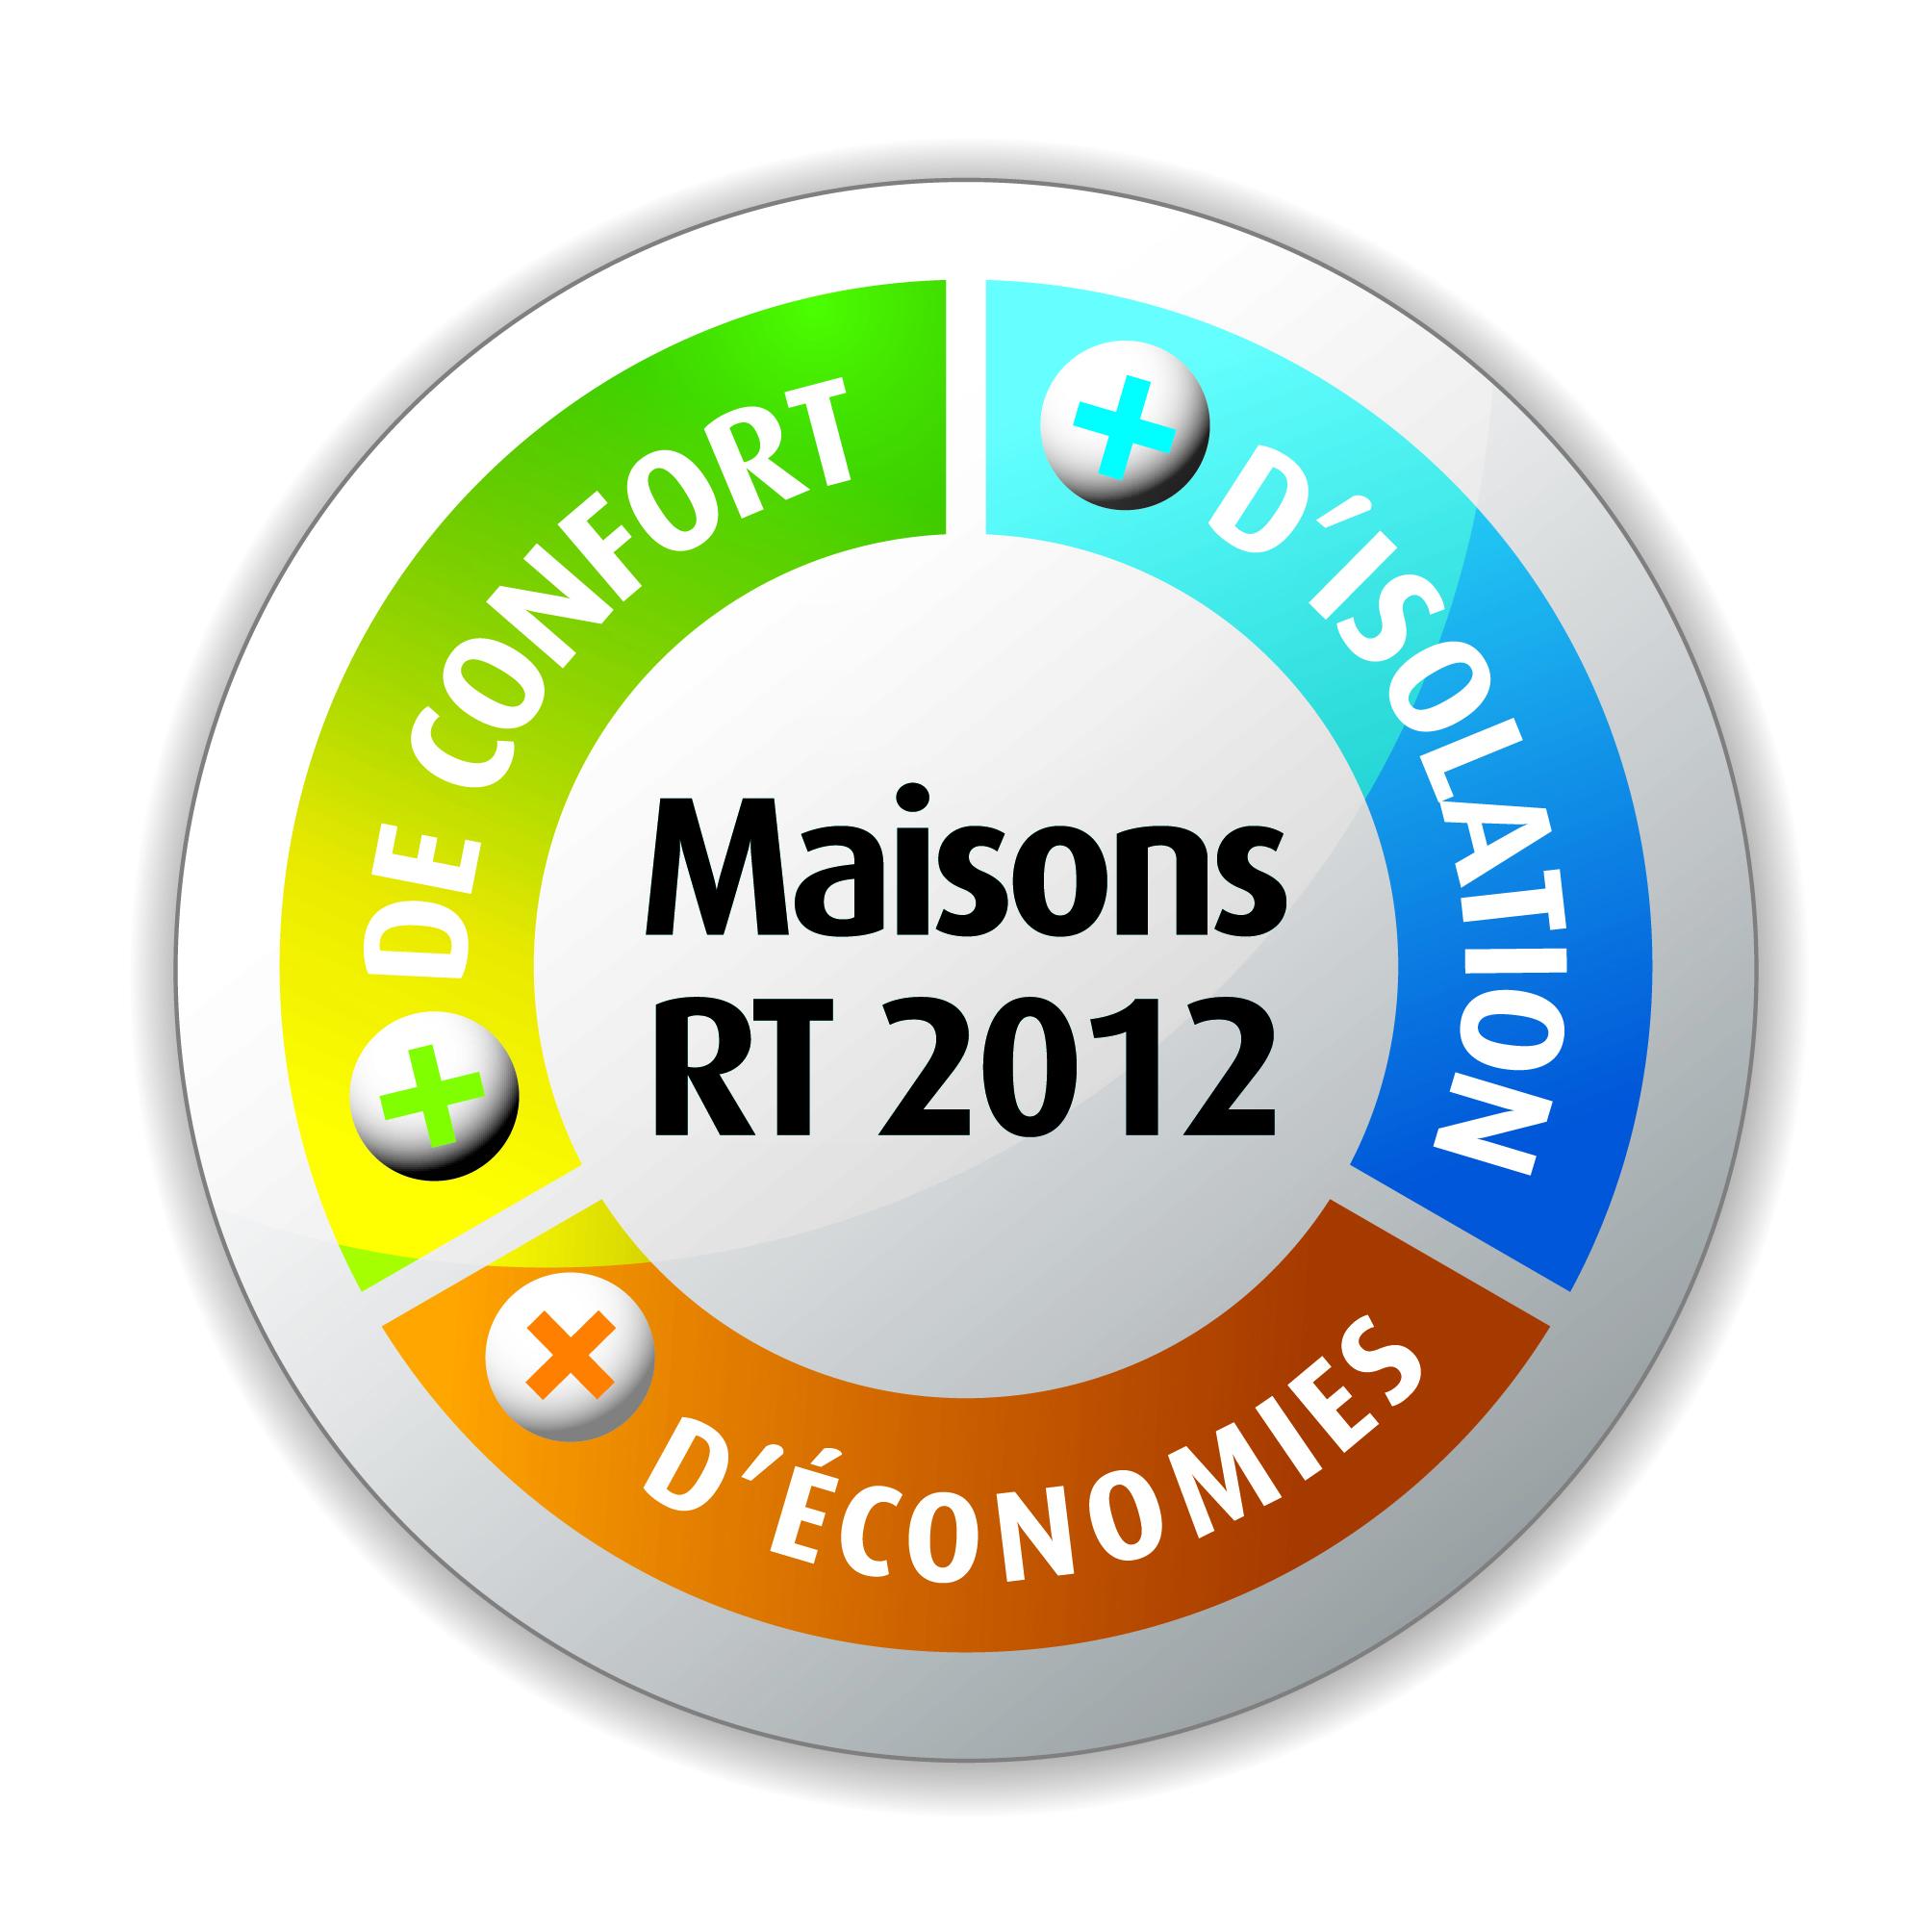 La r glementation thermique 2012 cr a concept for Constructeur de maison rt 2012